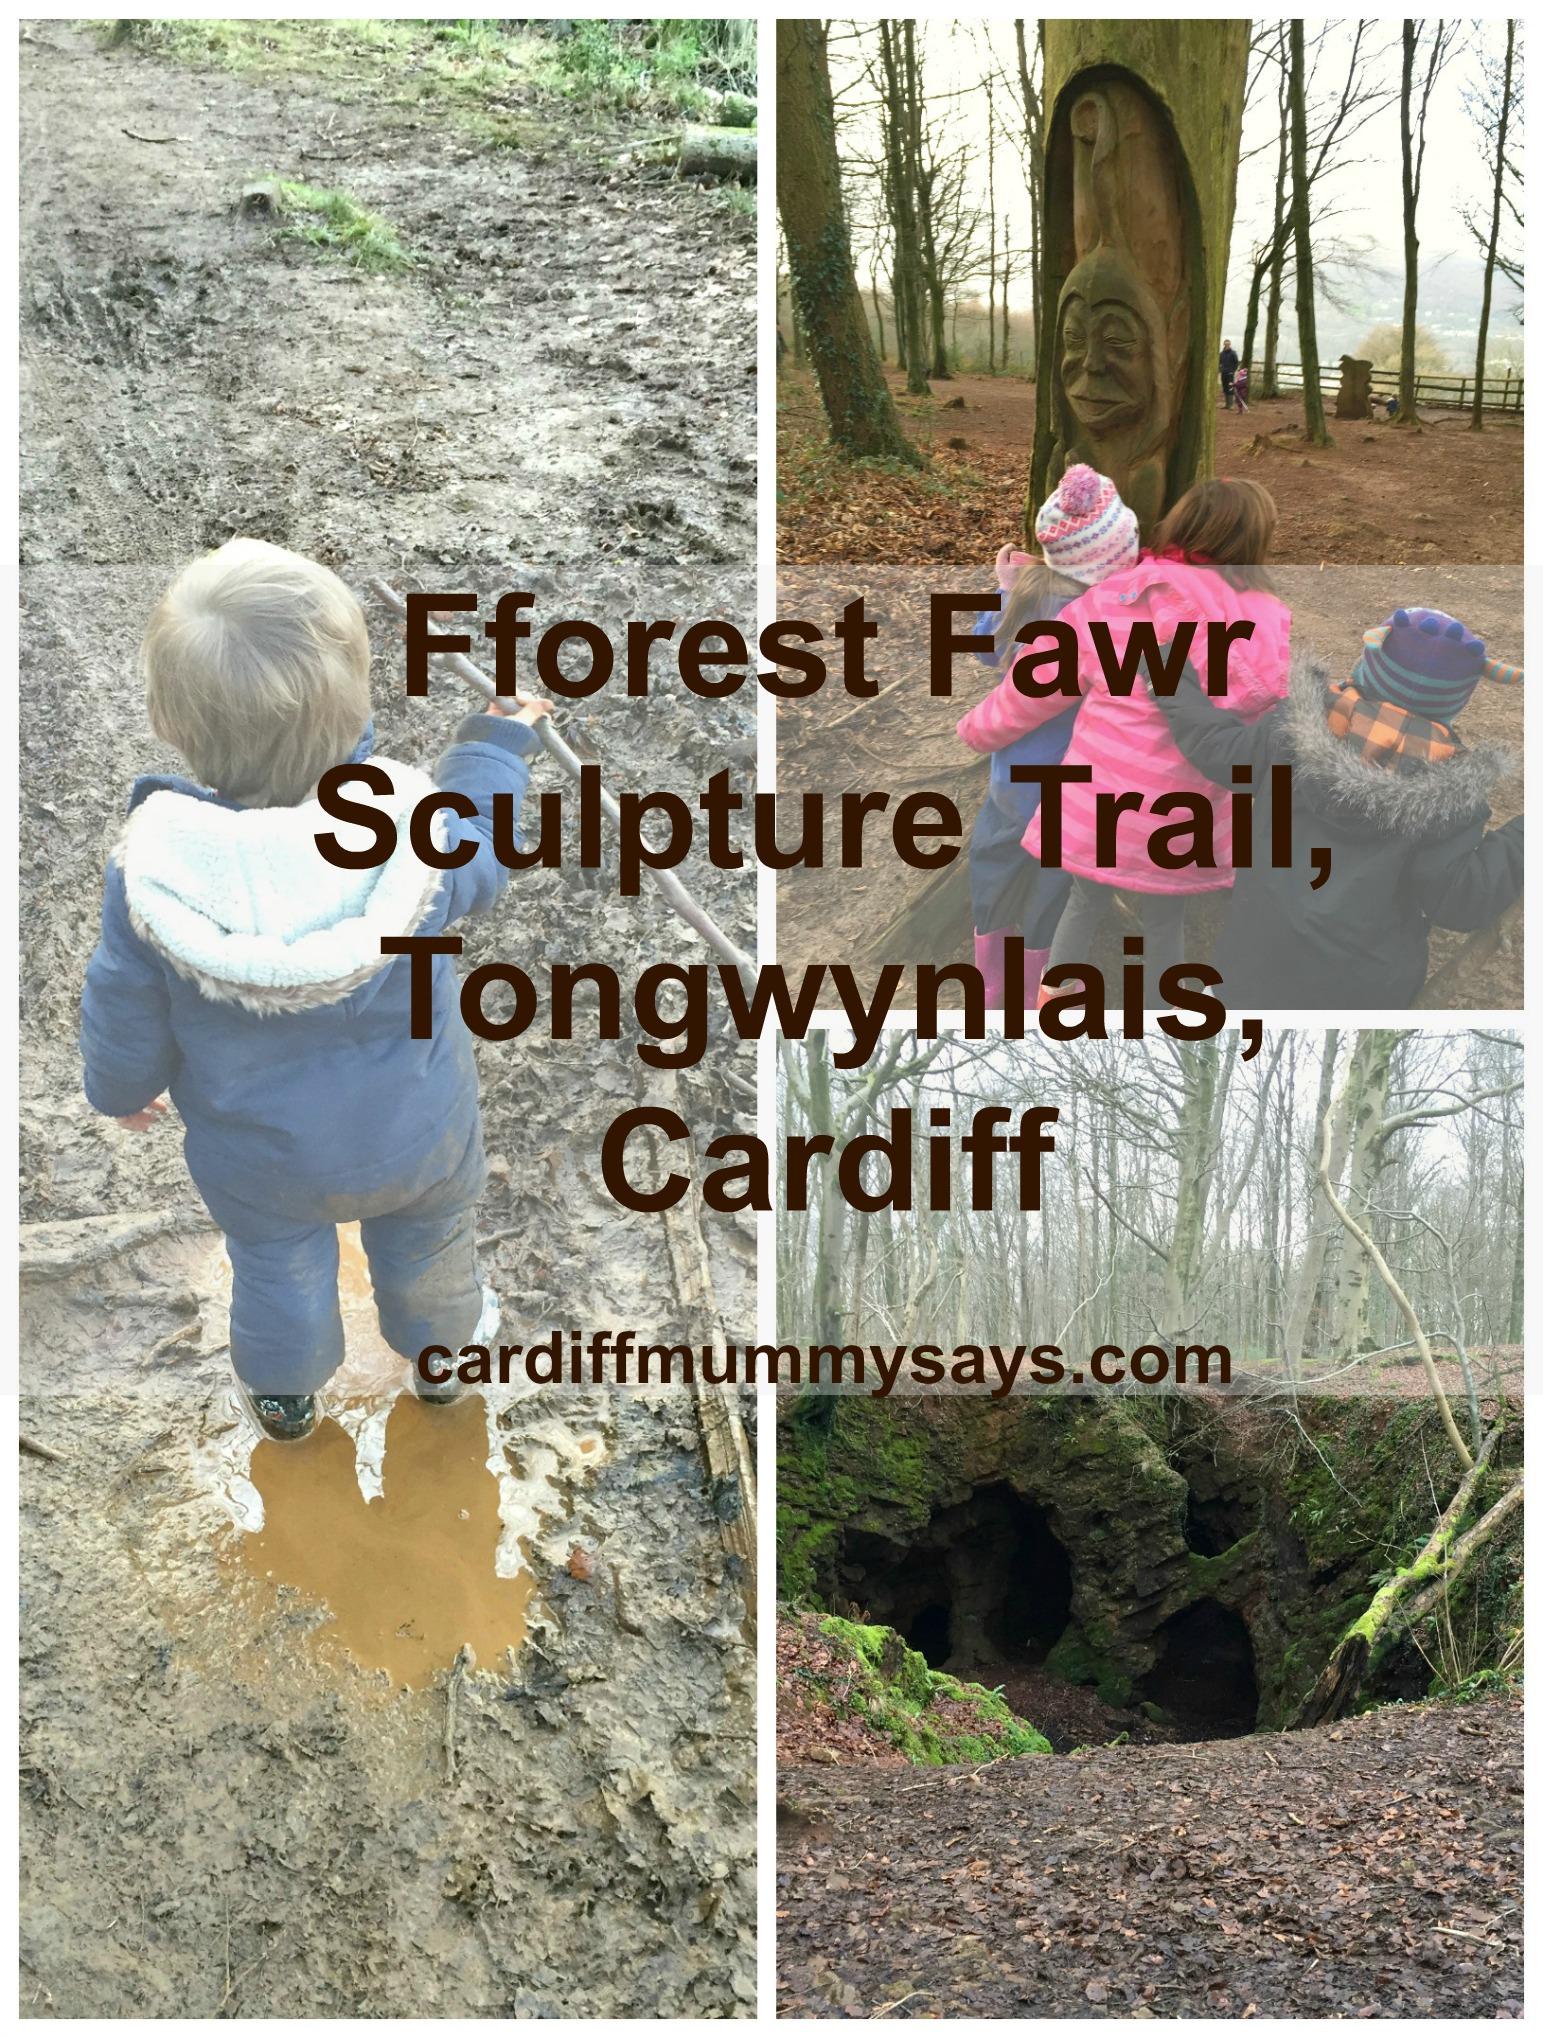 Fforest Fawr Pinterest image